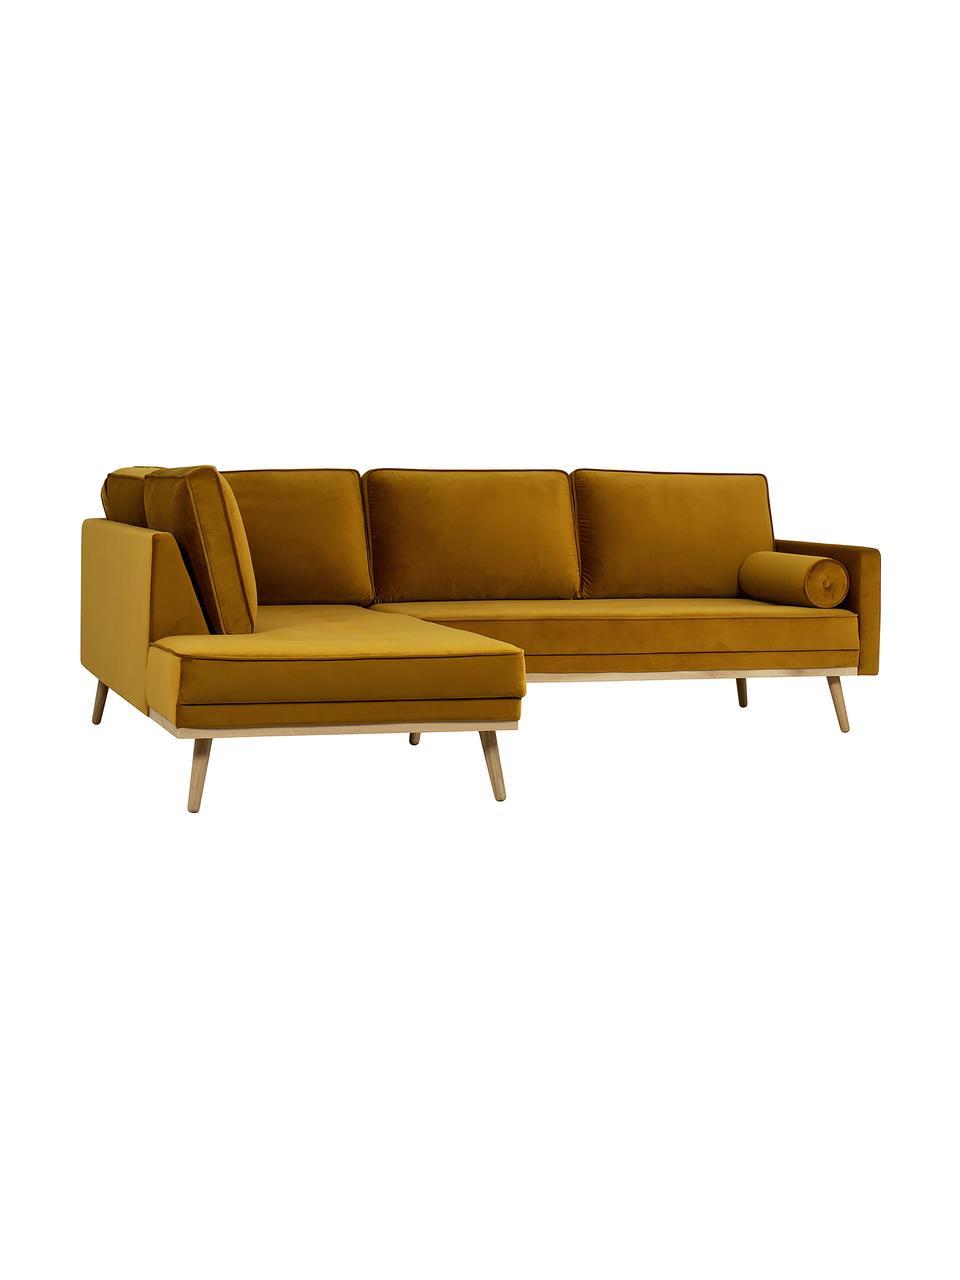 Canapé d'angle 3places velours jaune moutarde Saint, Velours jaune moutarde